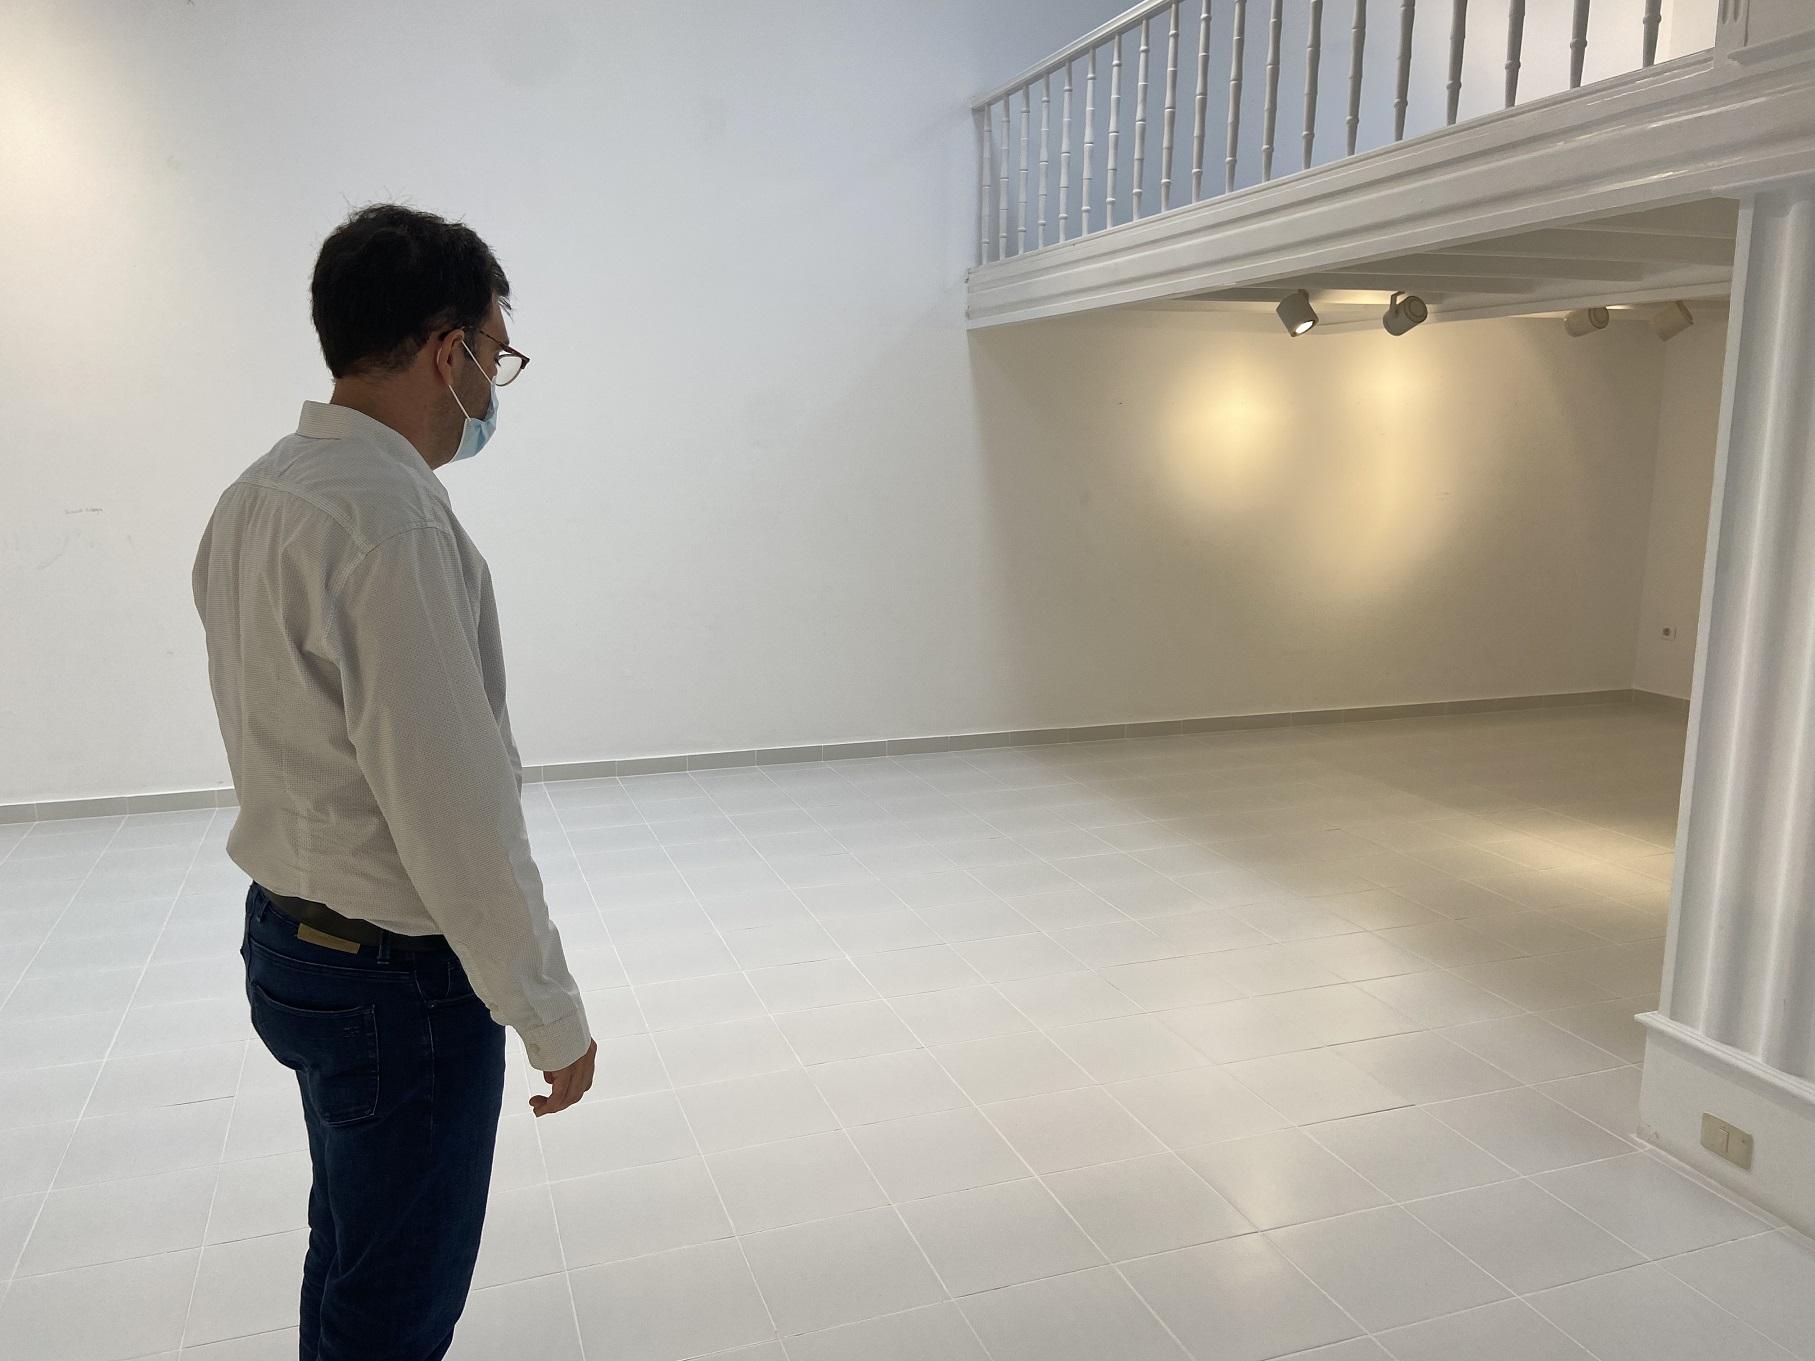 El Cabildo de Lanzarote instala un sistema de videovigilancia en las salas de exposiciones del CIC El Almacén